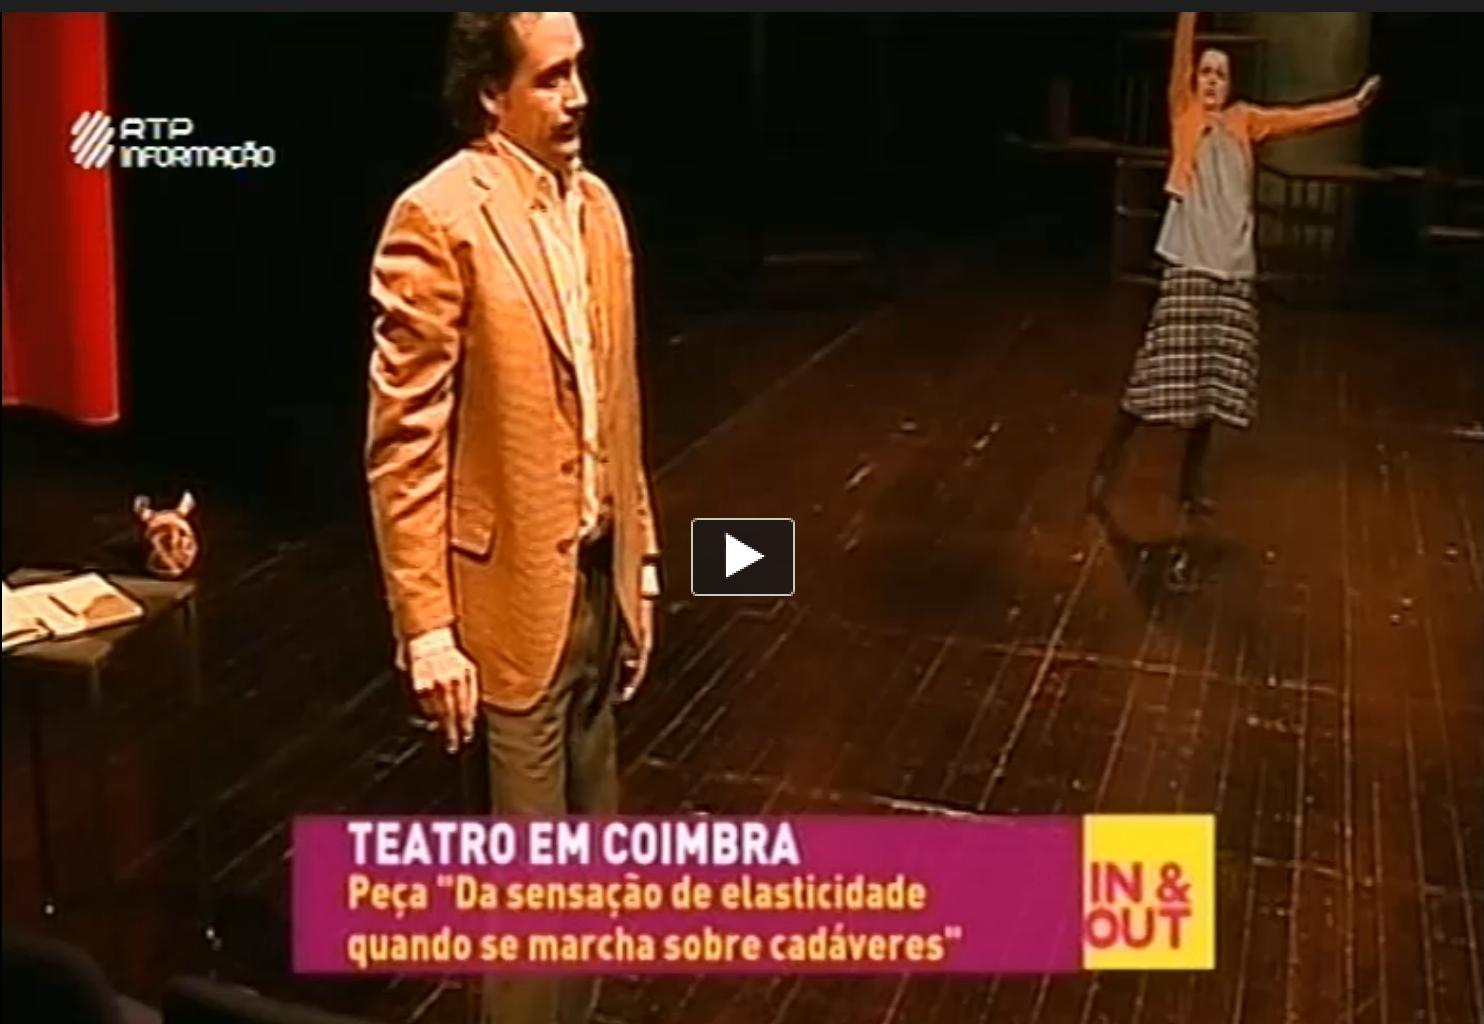 """""""In & Out"""", da RTP Informação. Clique na imagem para ver a reportagem"""